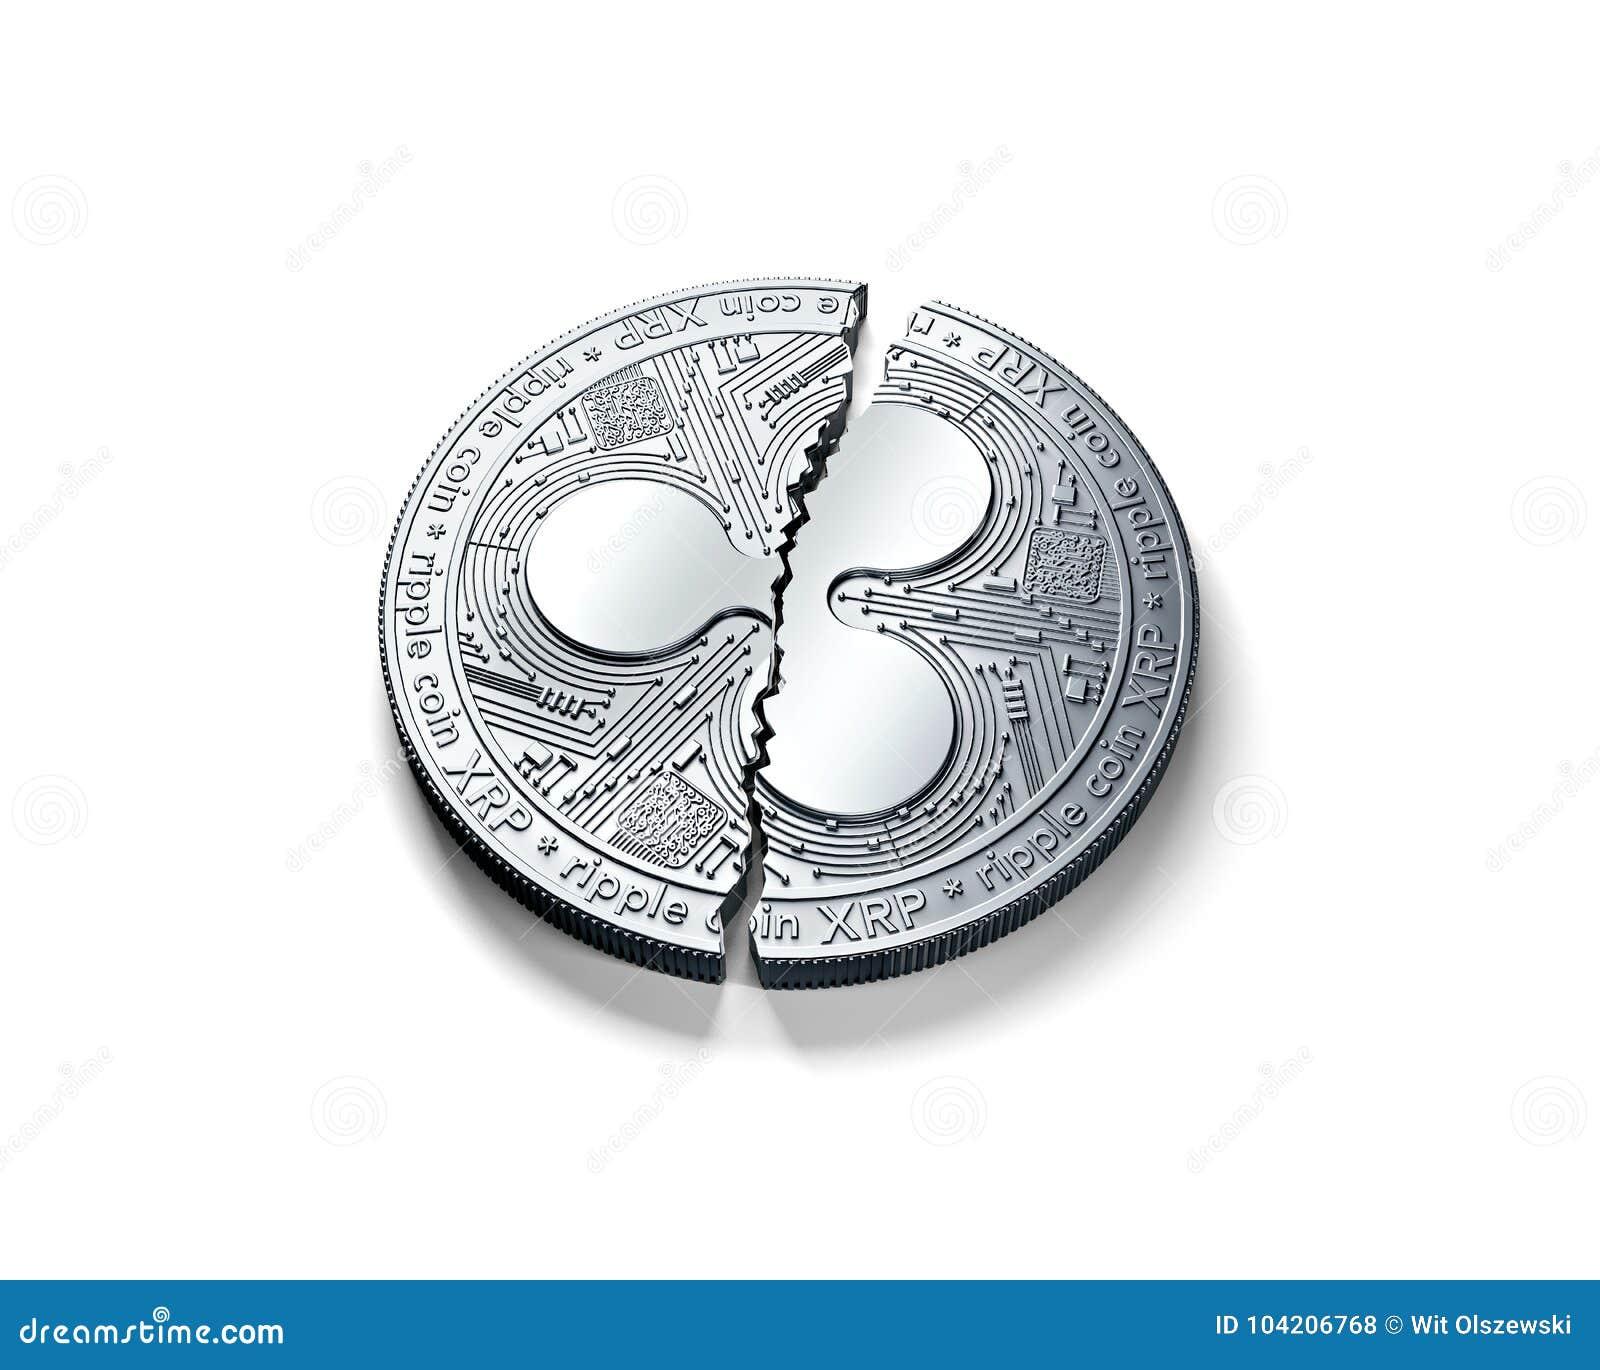 Gebrochen in zwei der silbernen Kräuselungsstücke Münze XRP lokalisiert auf weißem Hintergrund